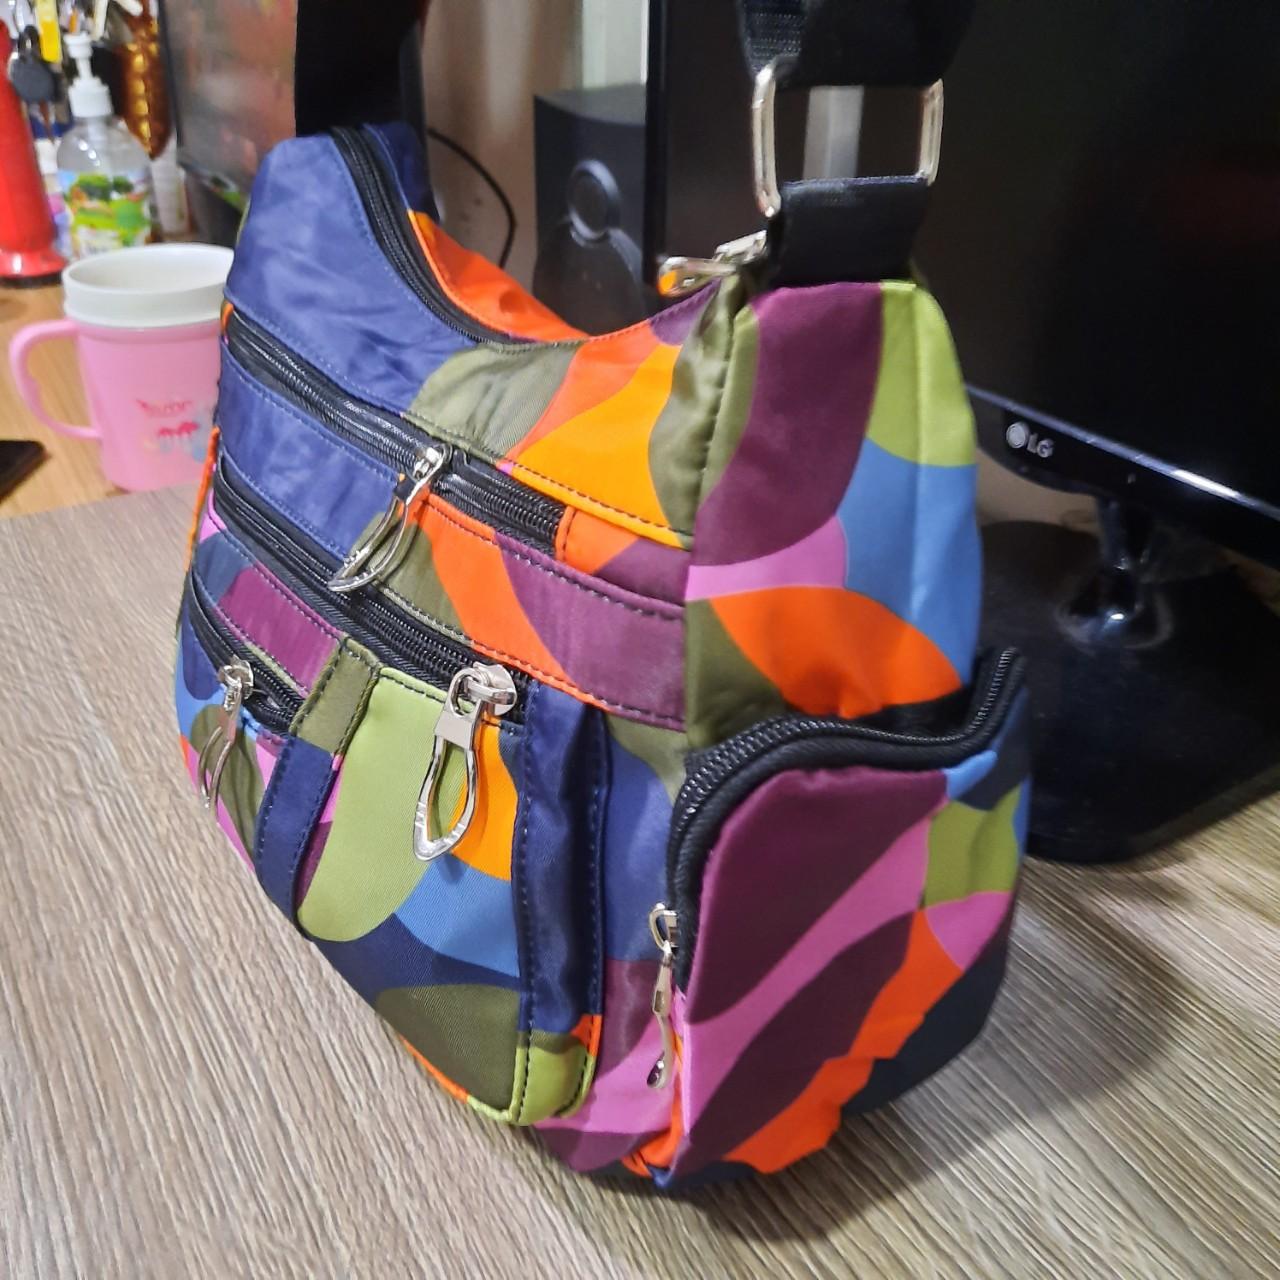 Túi đeo chéo đeo vai cổ điển sắc mùa thời trang dạo phố SK3 Shalla (Túi đeo chéo đeo vai nguồn sỉ)